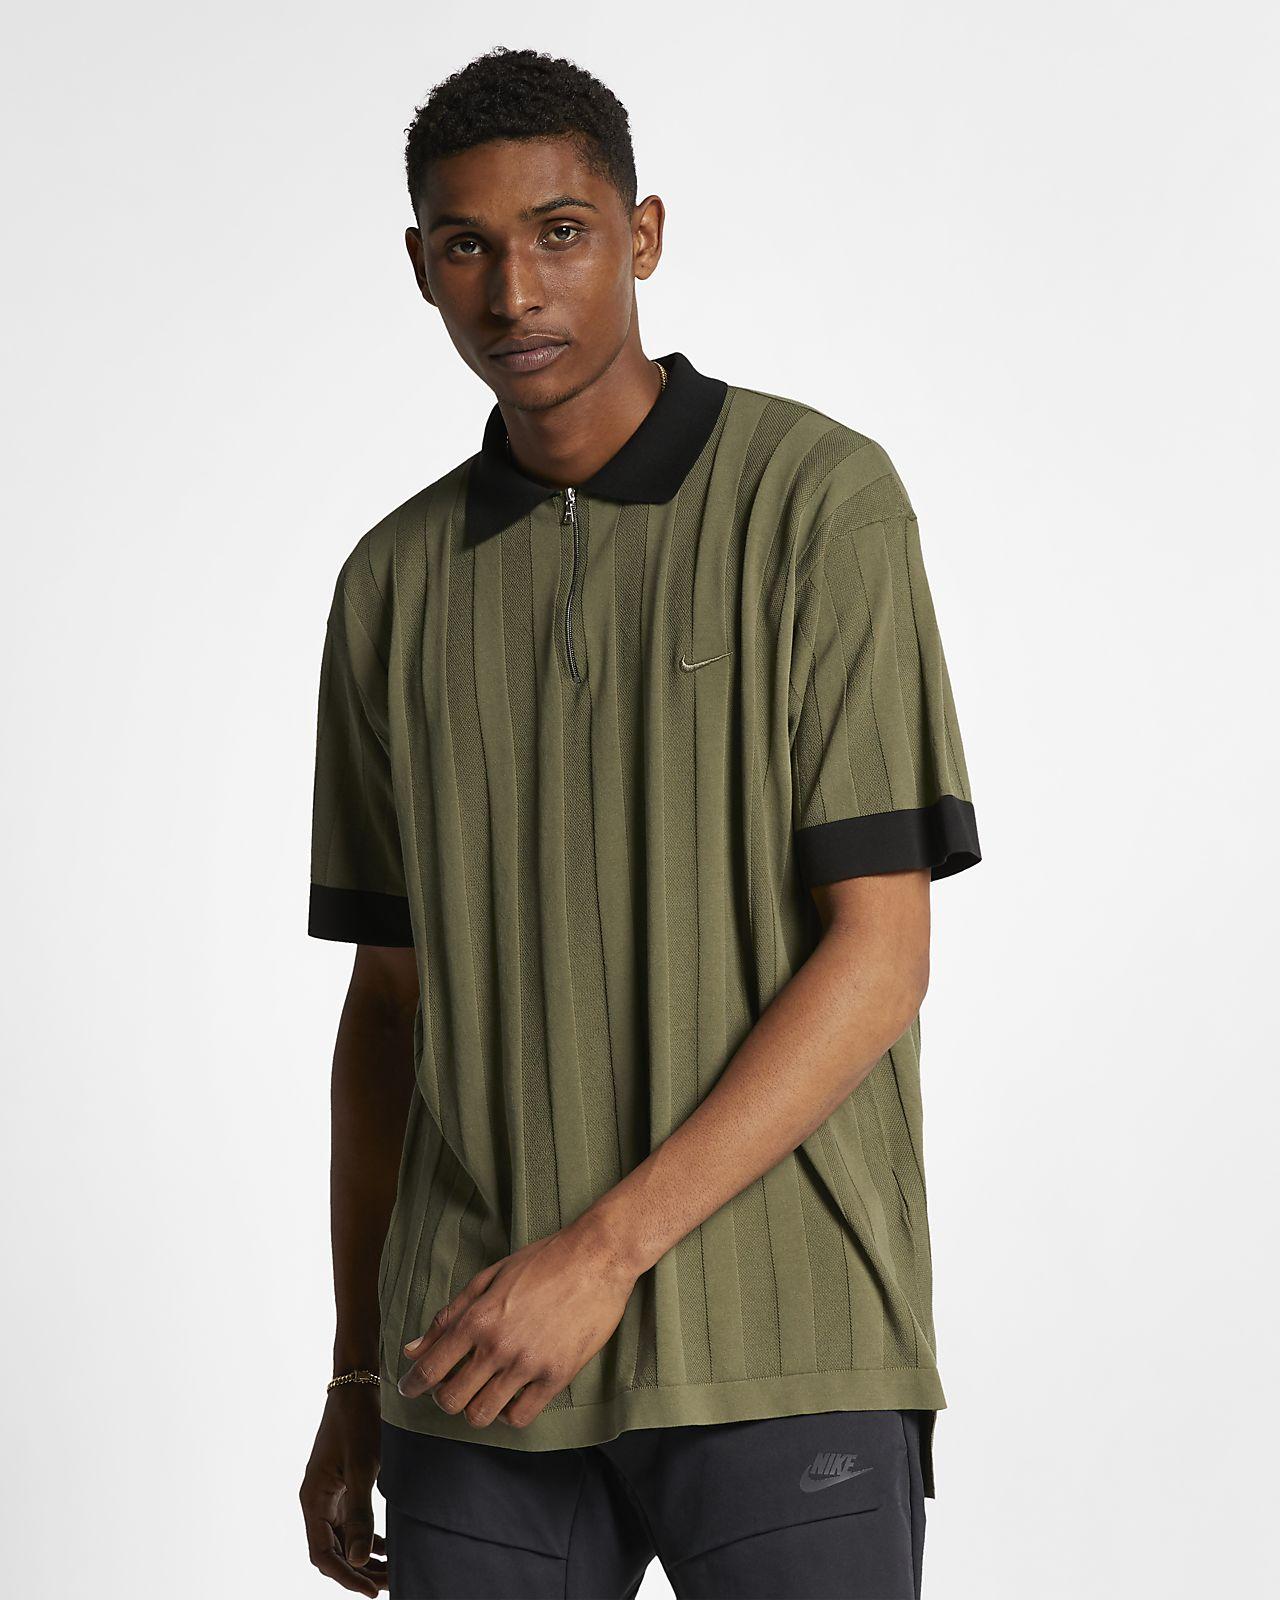 เสื้อโปโลผู้ชายแบบทอ NikeLab Made in Italy Collection